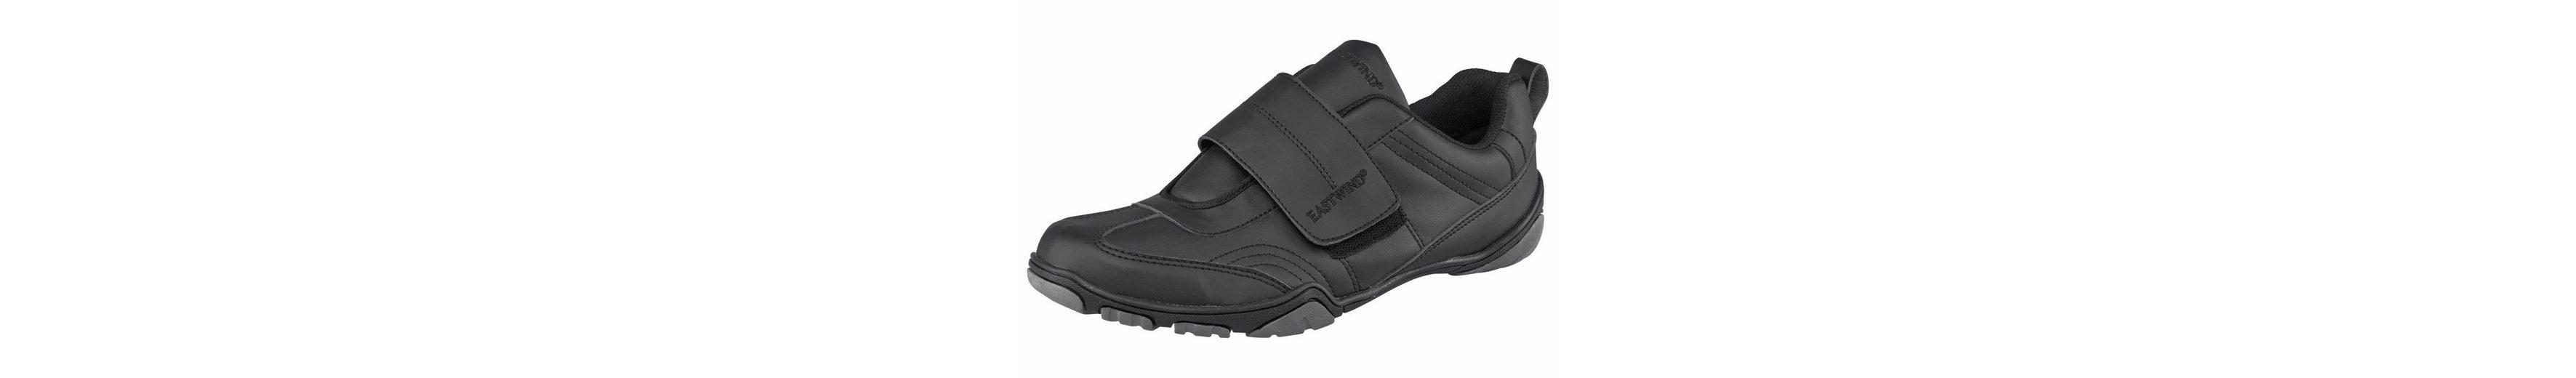 Klett Sneaker Klett Eastwind Sneaker Velcro Eastwind Velcro 6Uaw7qfX